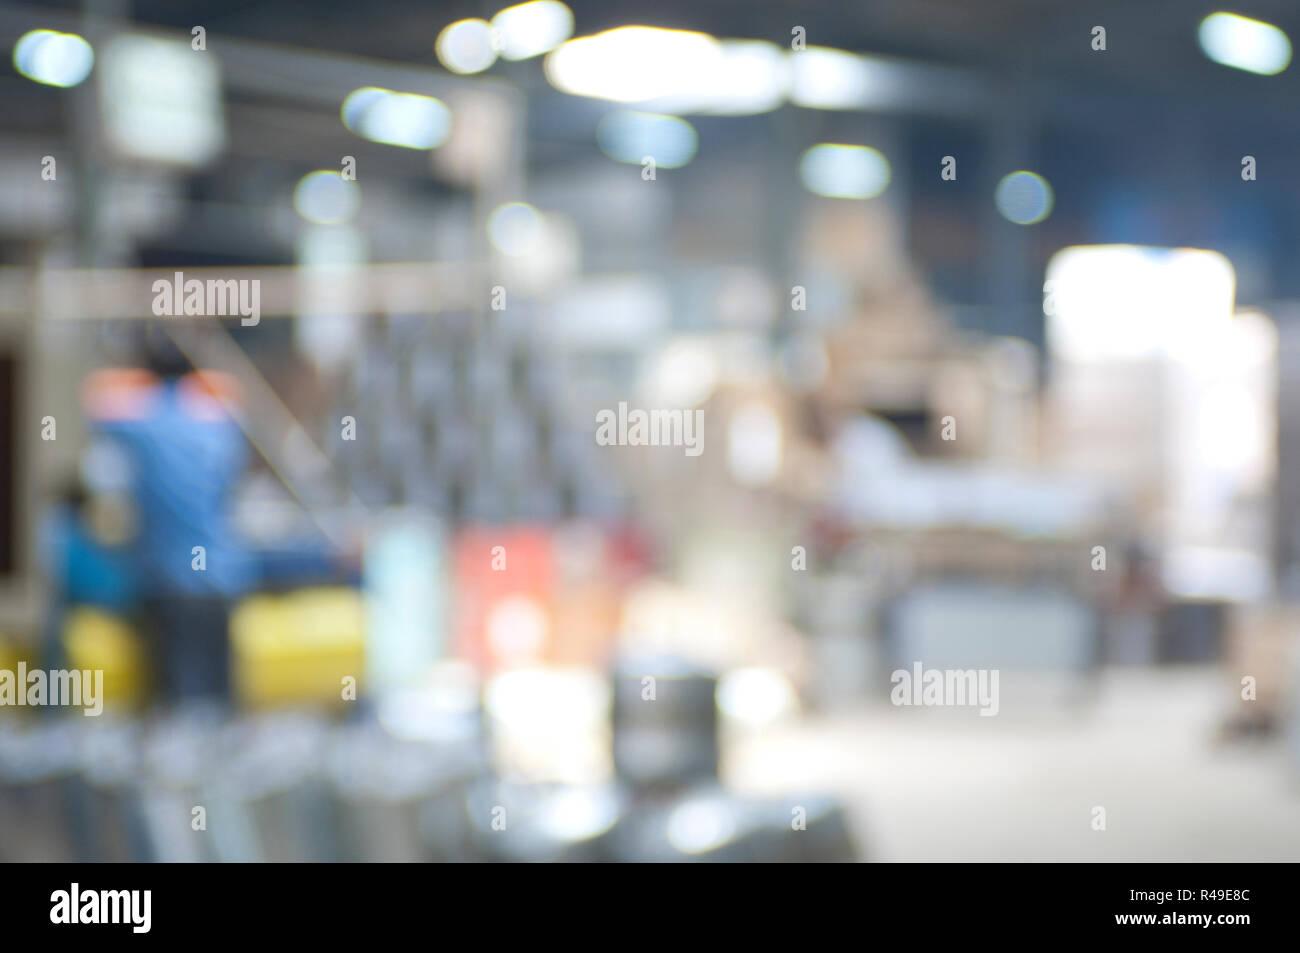 Abstract background image industrielle floue d'un chauffe-eau de l'intérieur de l'usine d'acier Photo Stock